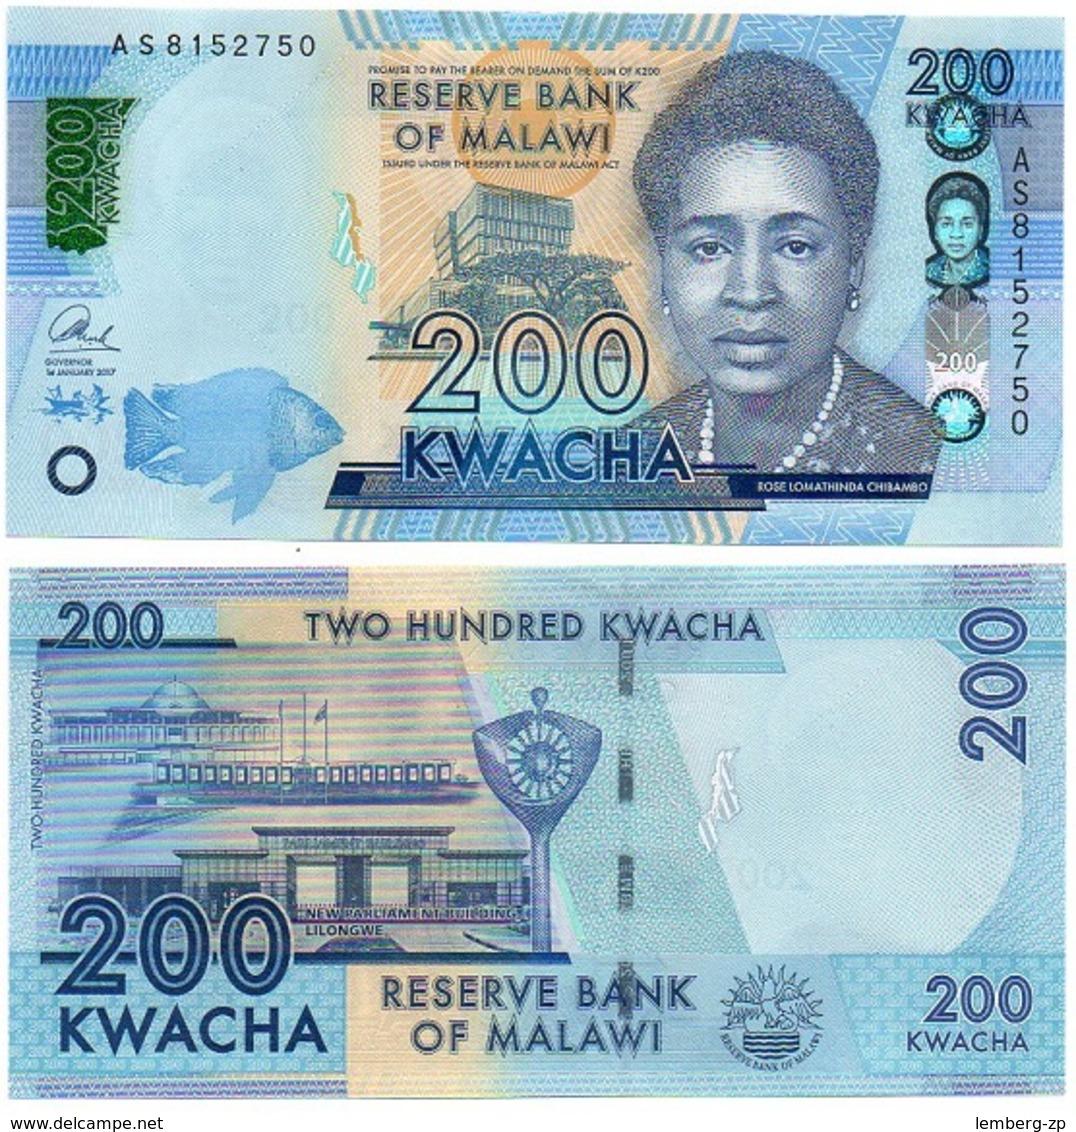 Malawi - 200 Kwacha 2017 UNC Lemberg-Zp - Malawi